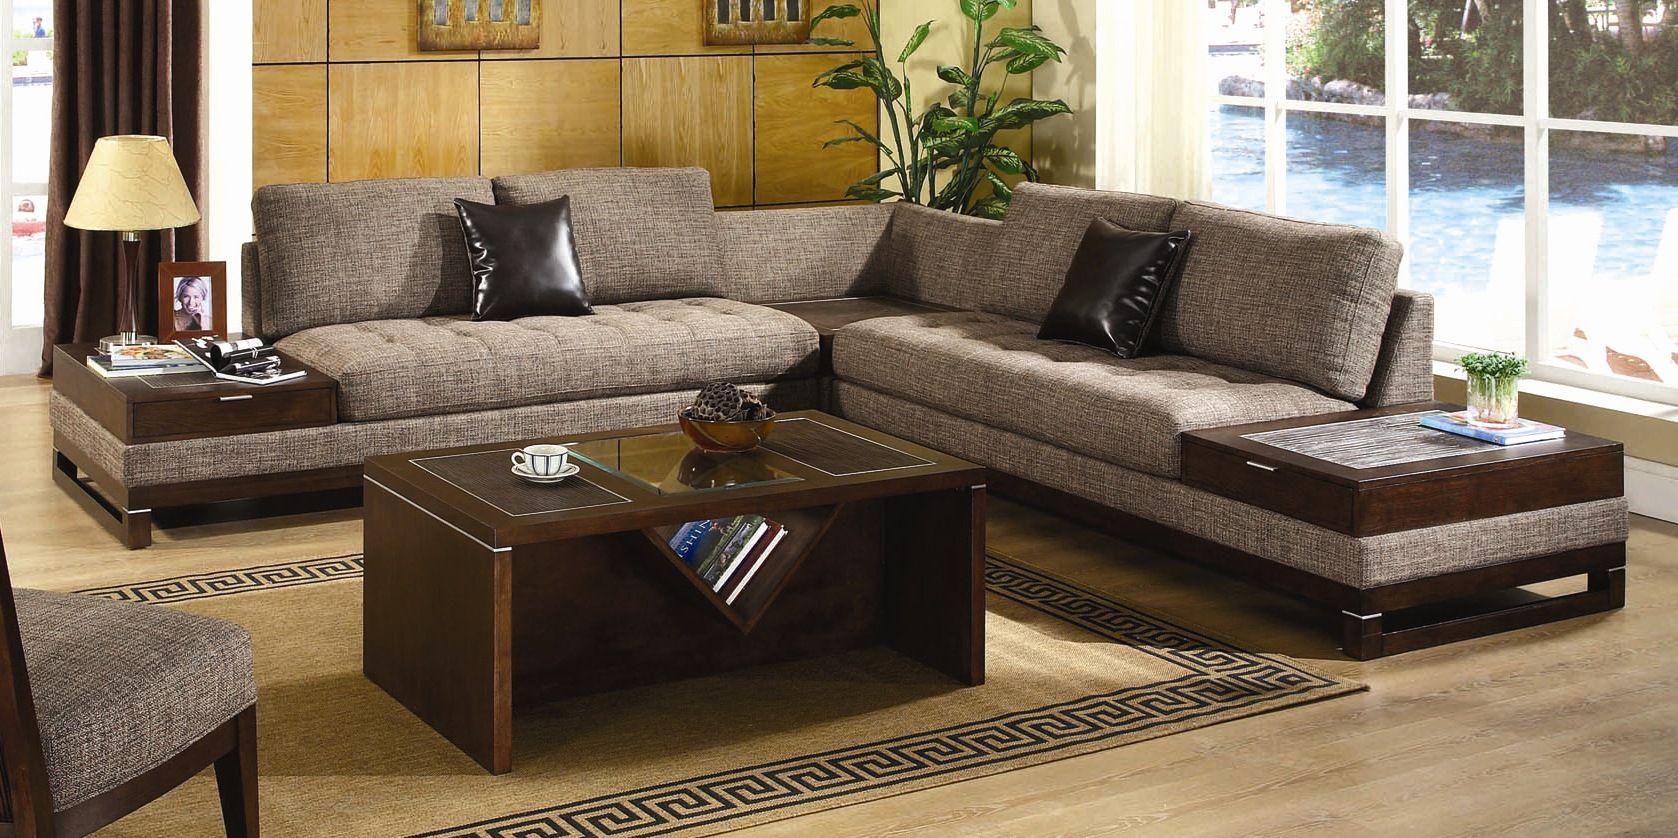 11 Smart Designs Of How To Make 3 Piece Living Room Set Cheap Ruang Tamu Mewah Sofa Ruang Tamu Ruang Tamu Modern Living room piece sets